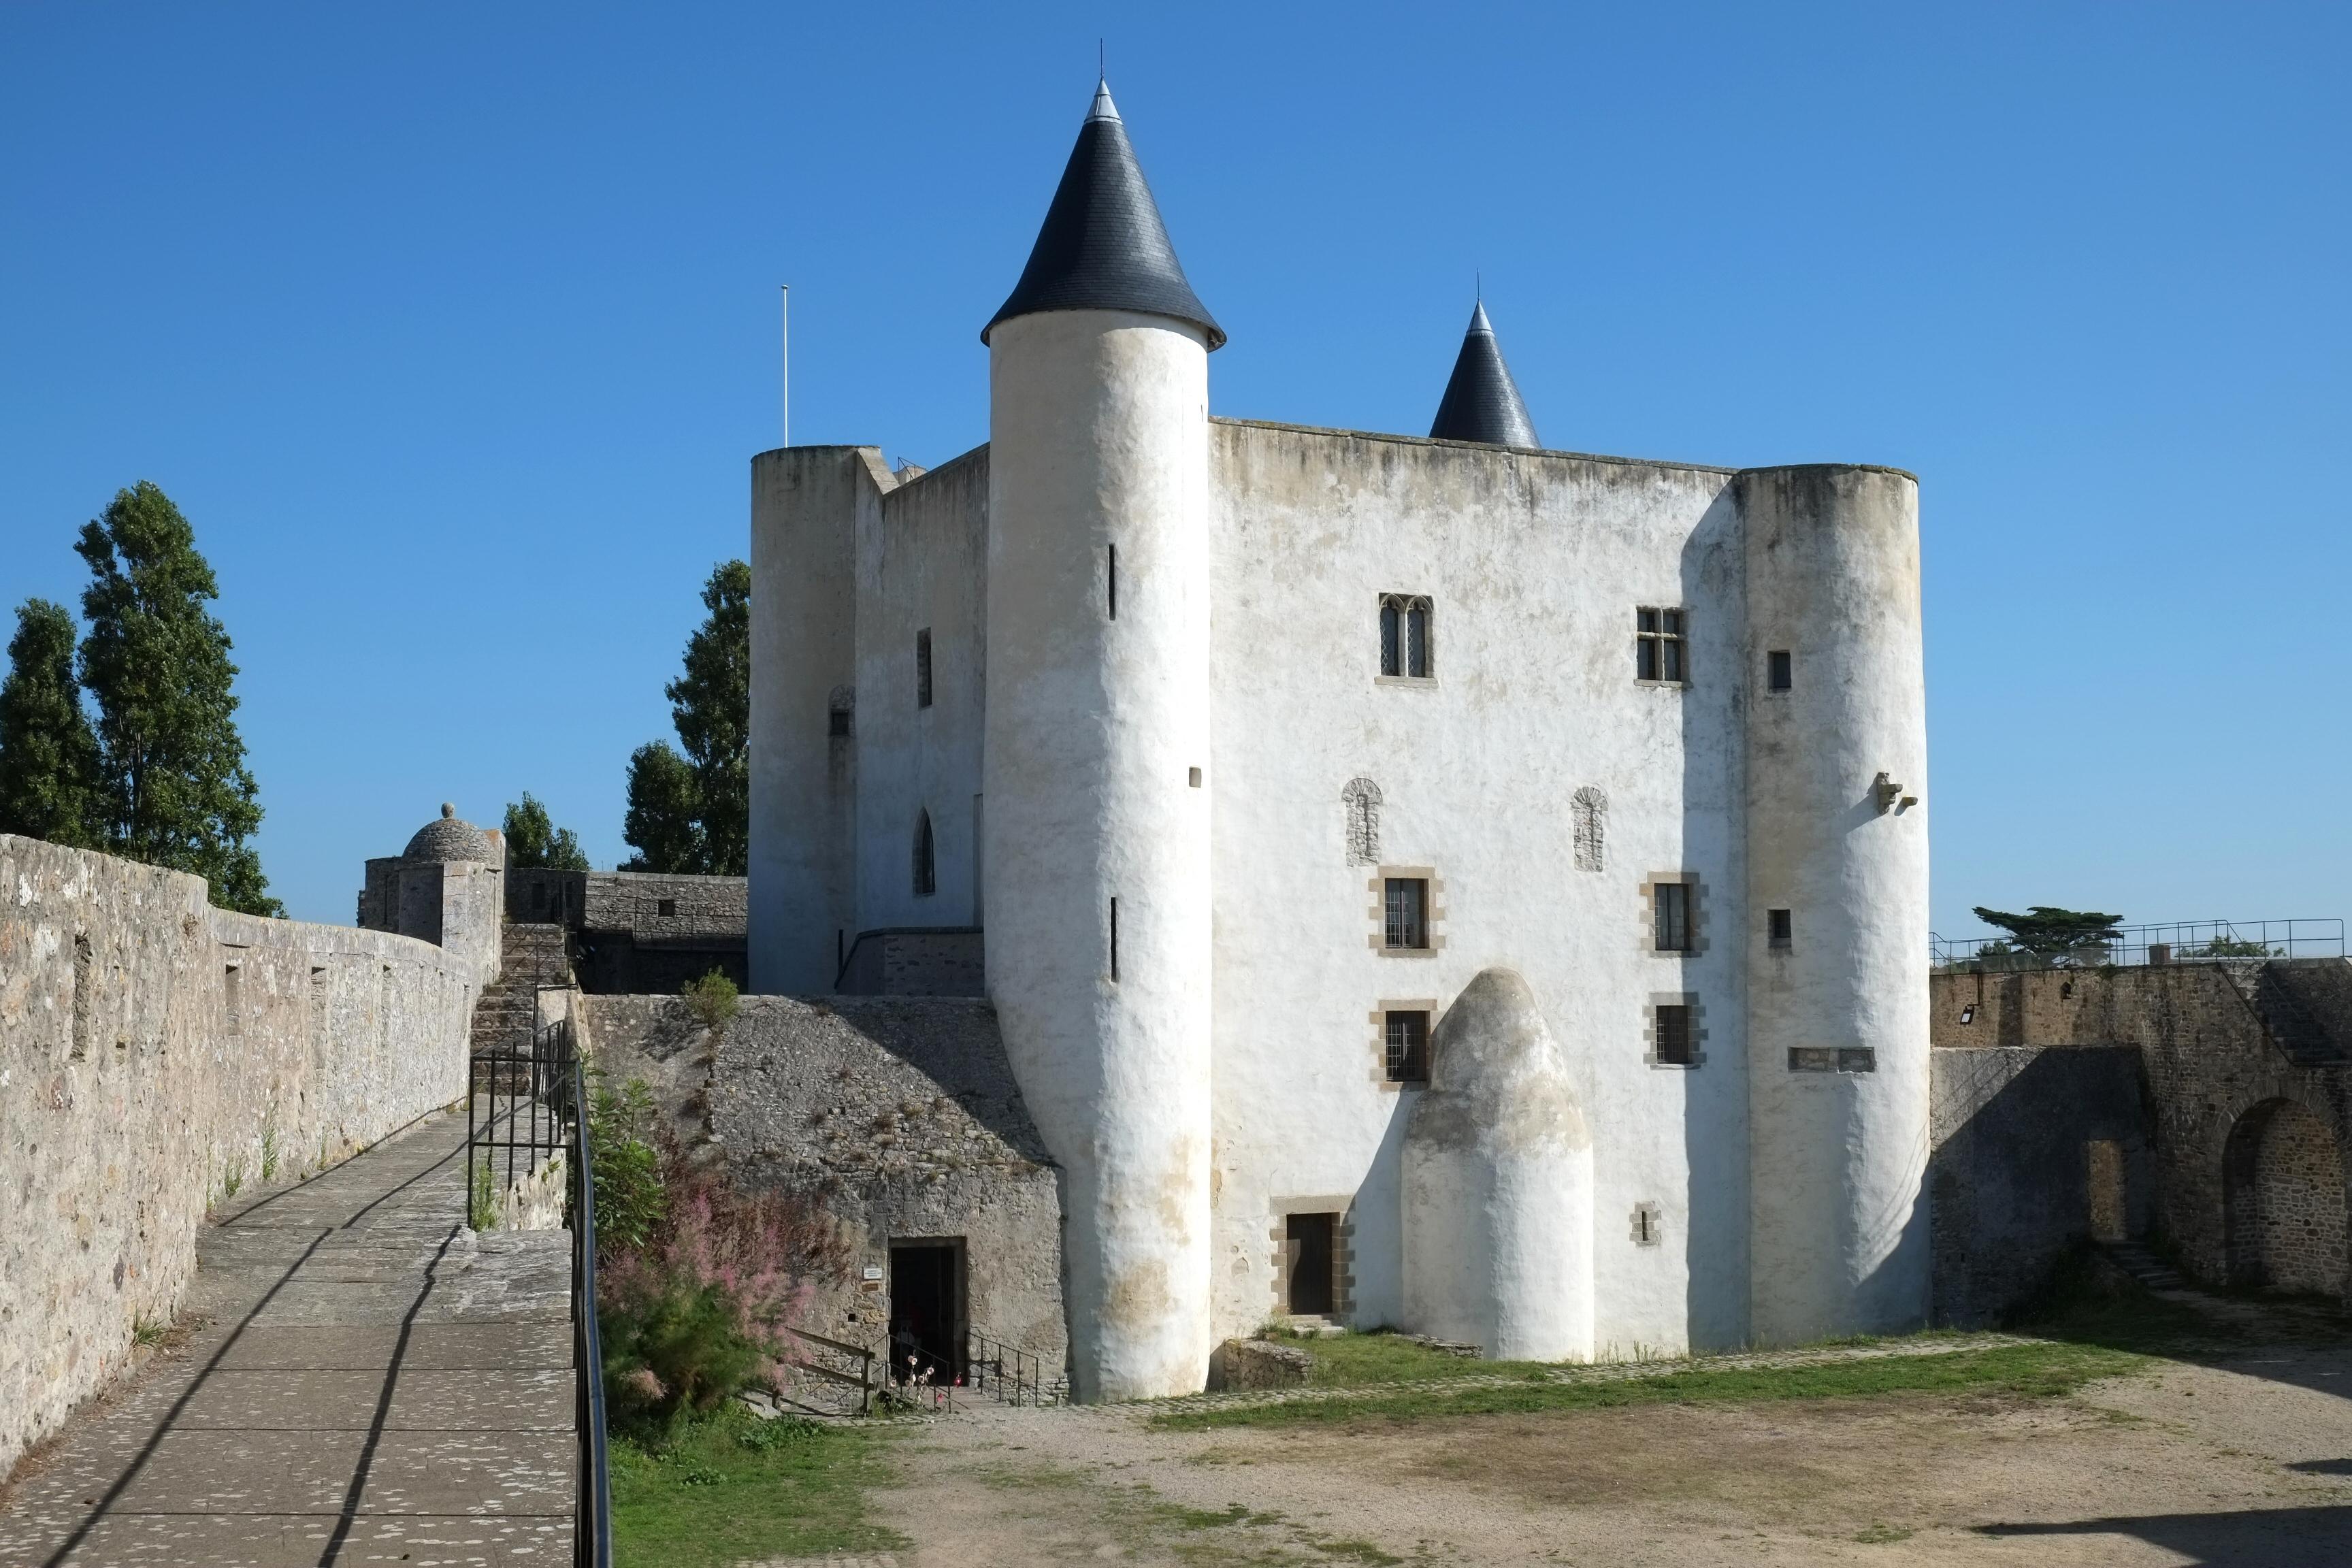 Château_de_Noimoutier